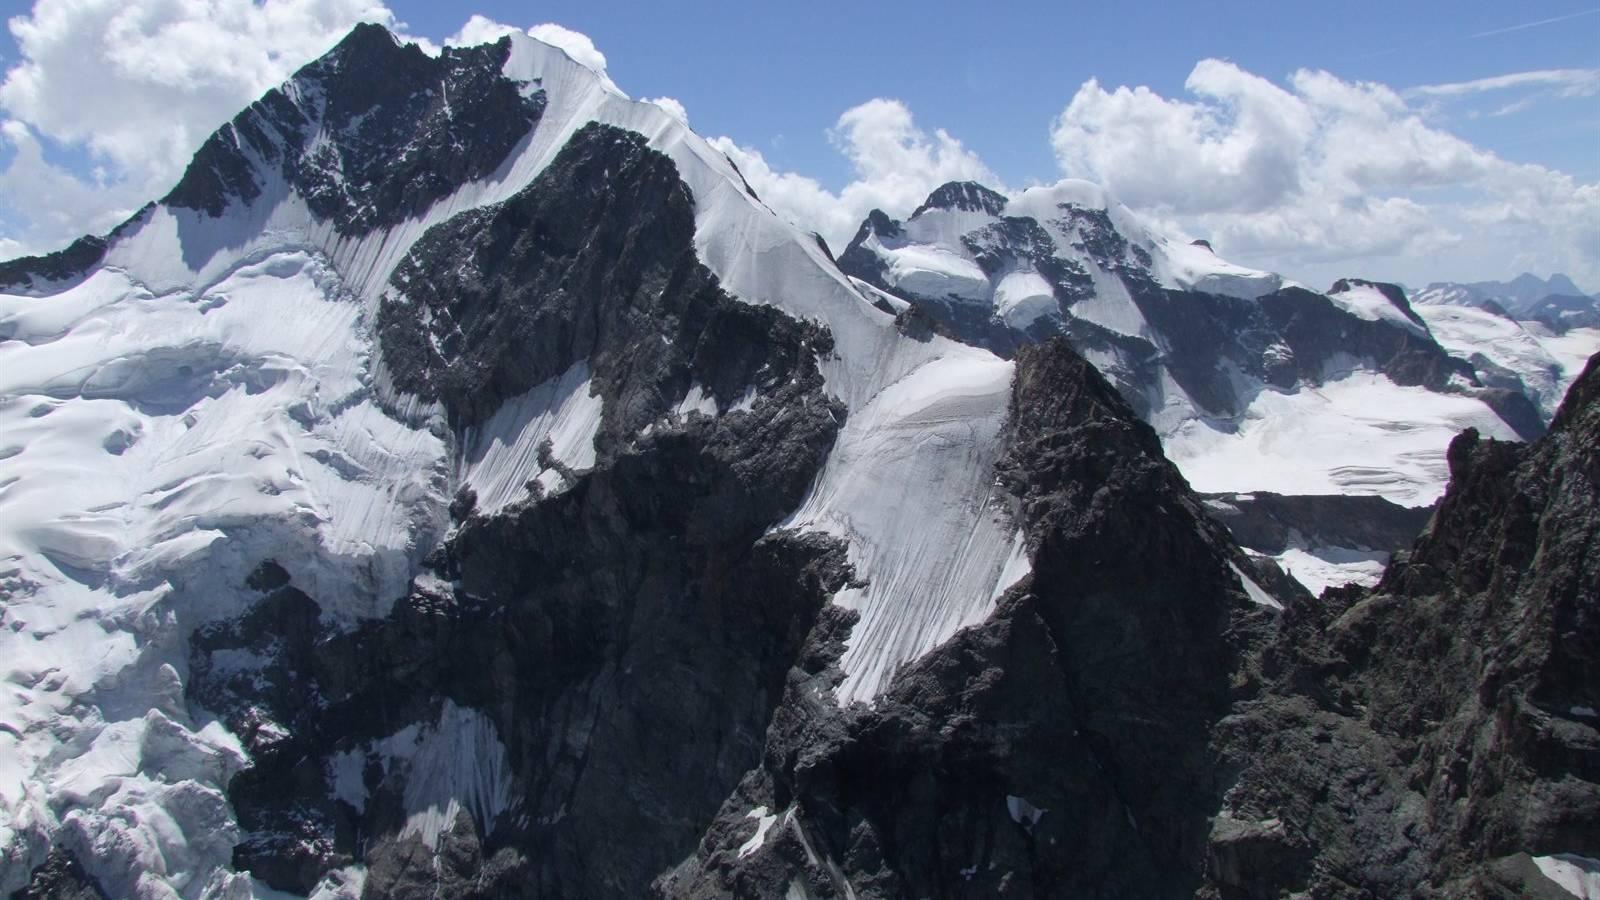 Der Biancograt am Piz Bernina wurde einer 32-jährigen Berggängerin zum Verhängnis.